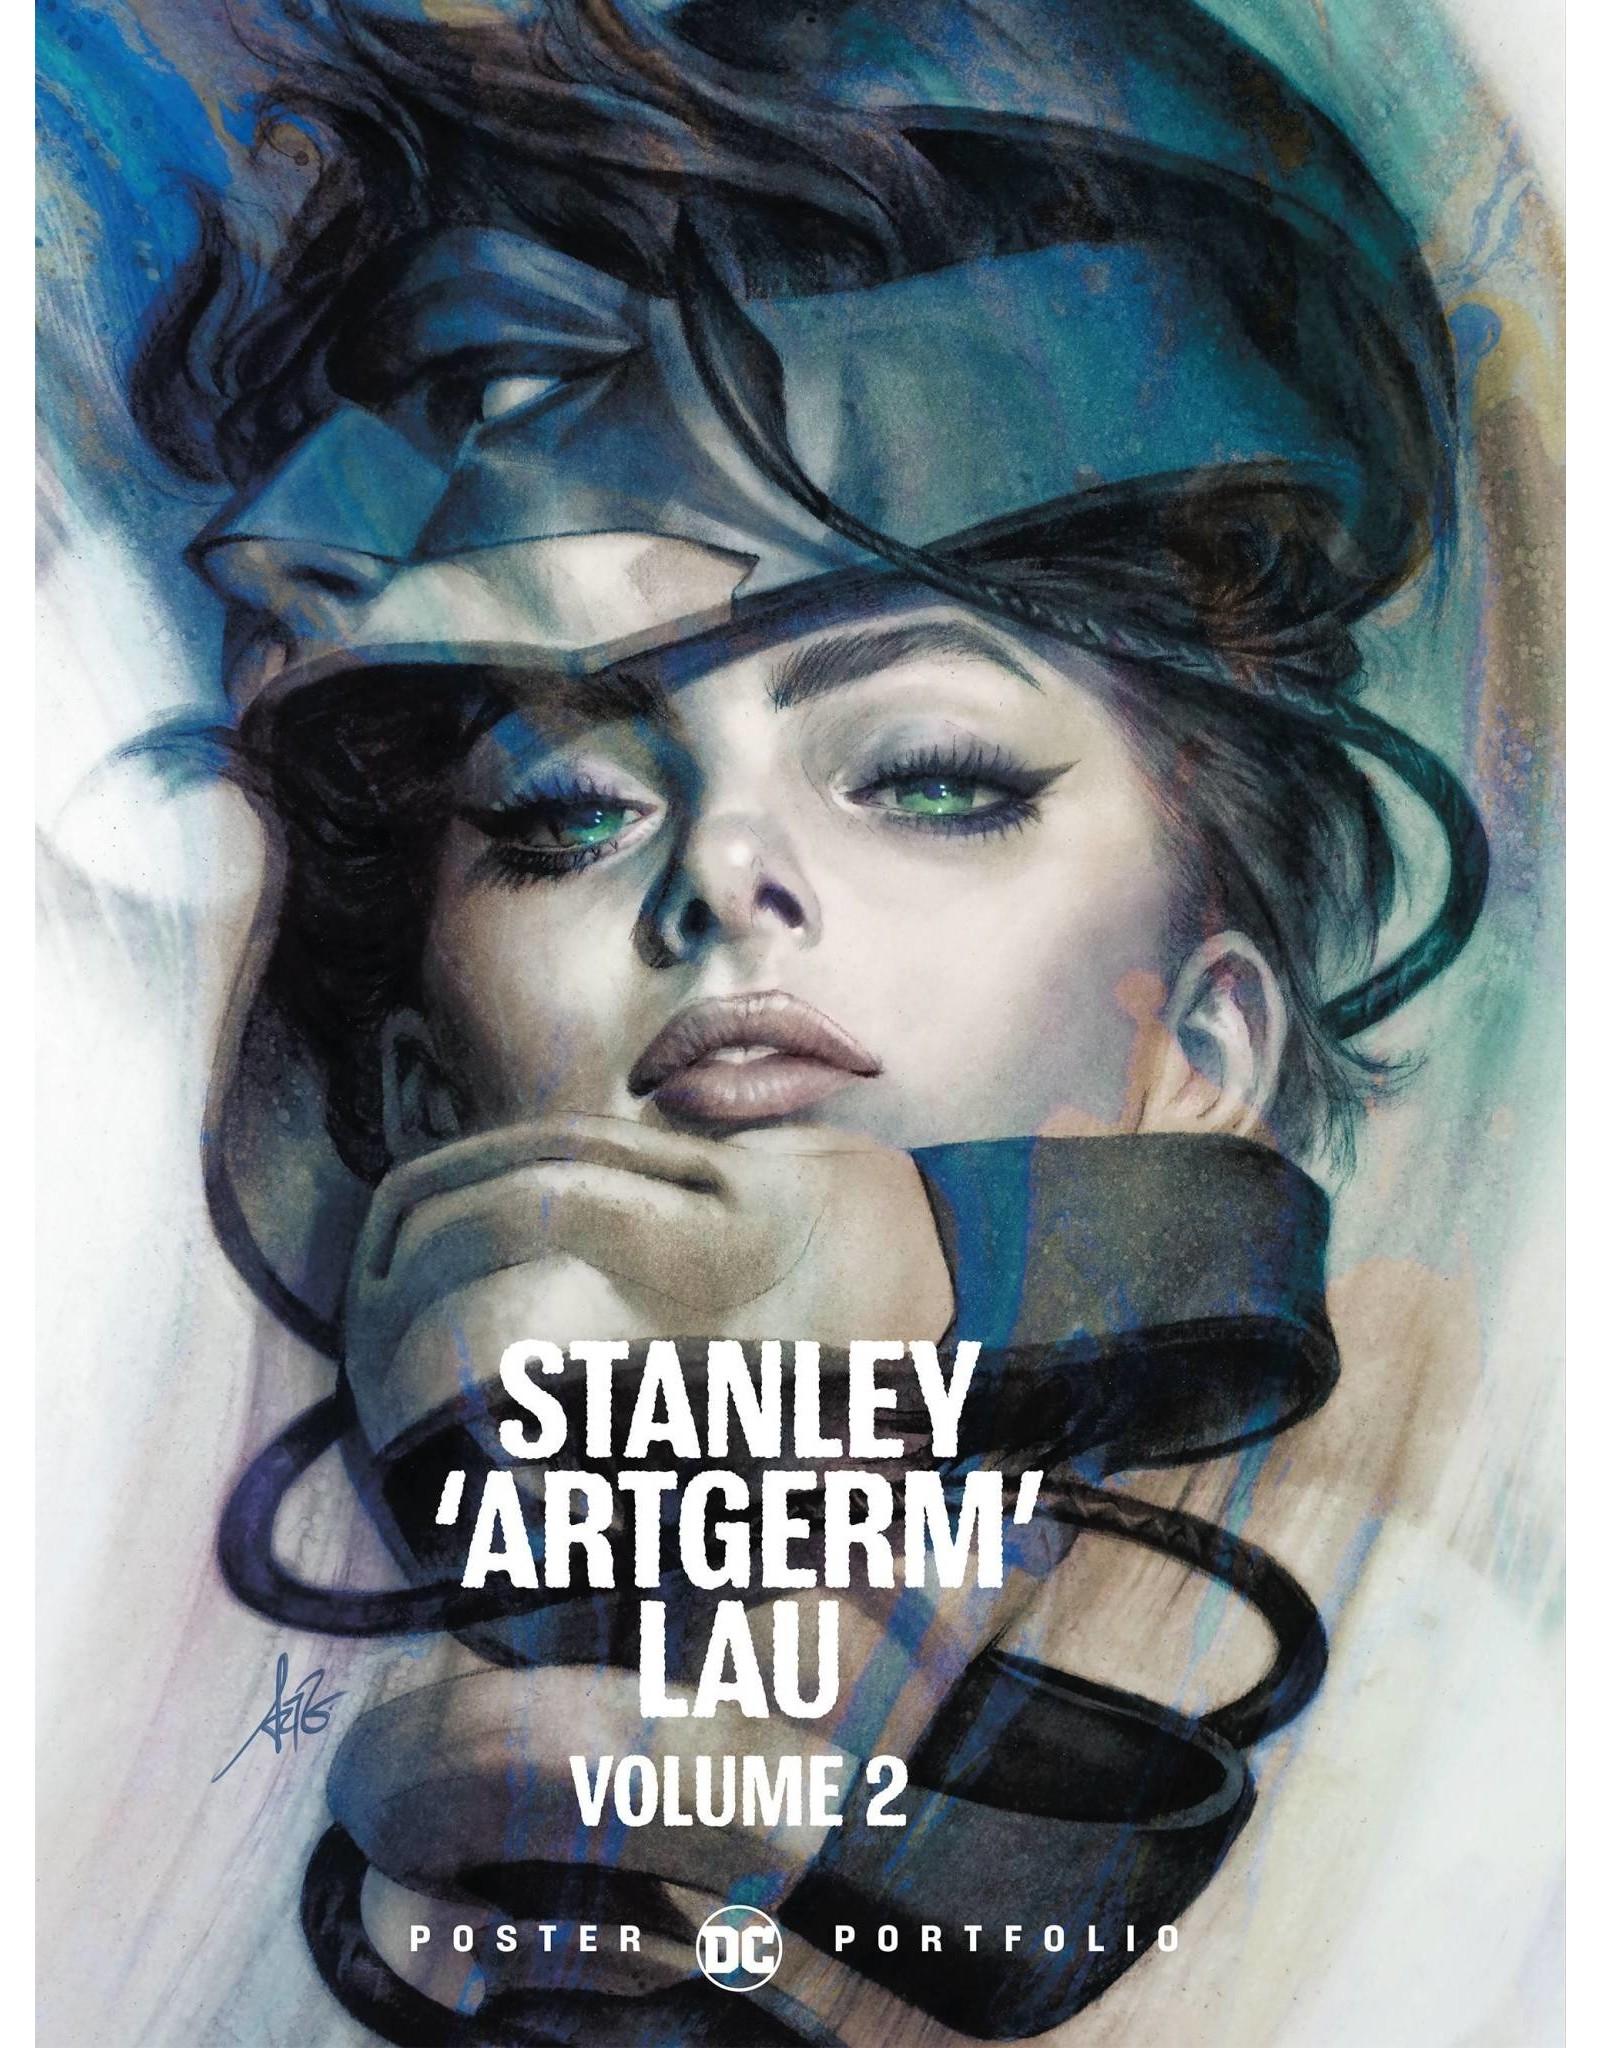 DC COMICS DC POSTER PORTFOLIO STANLEY ARTGERM LAU TP VOL 02